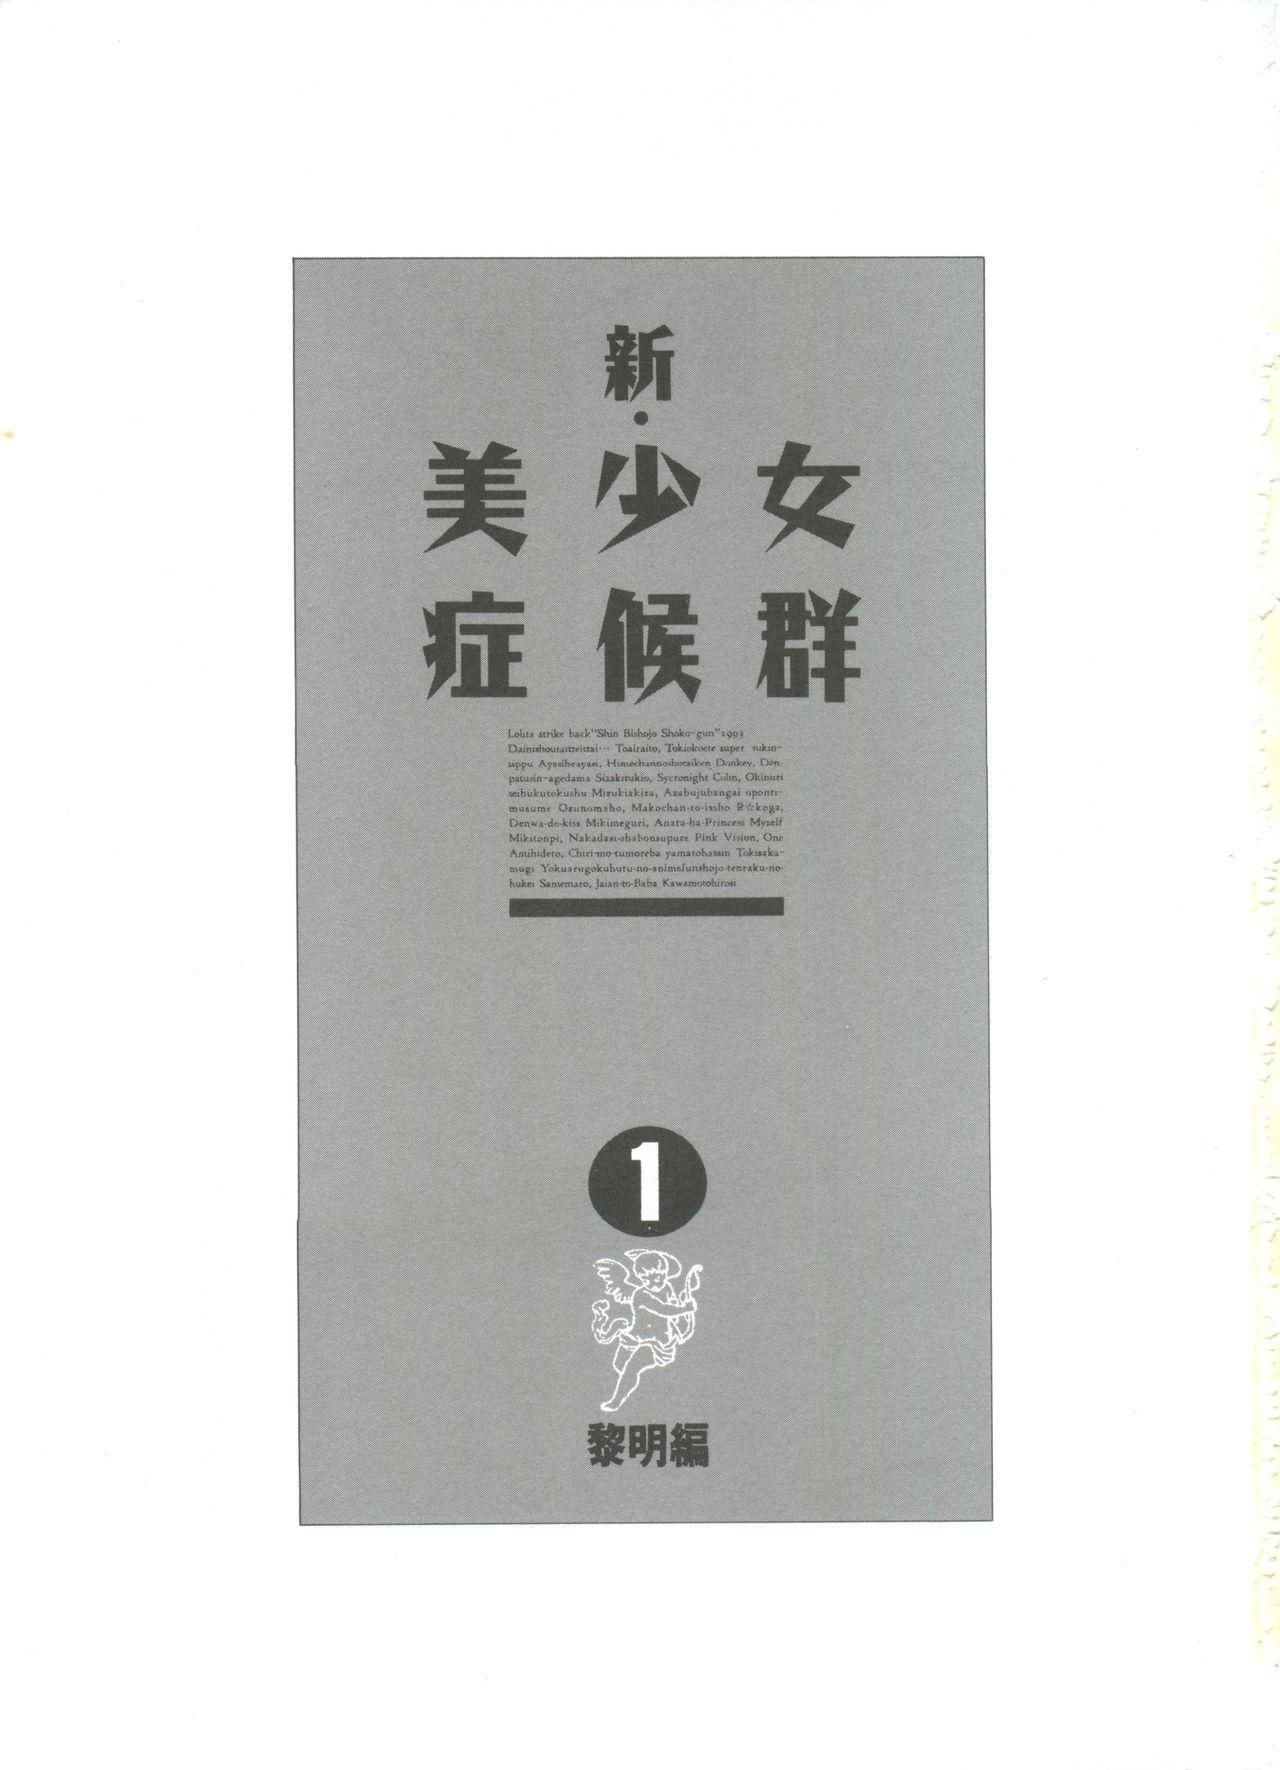 Shin Bishoujo Shoukougun 1 Reimei Hen 6